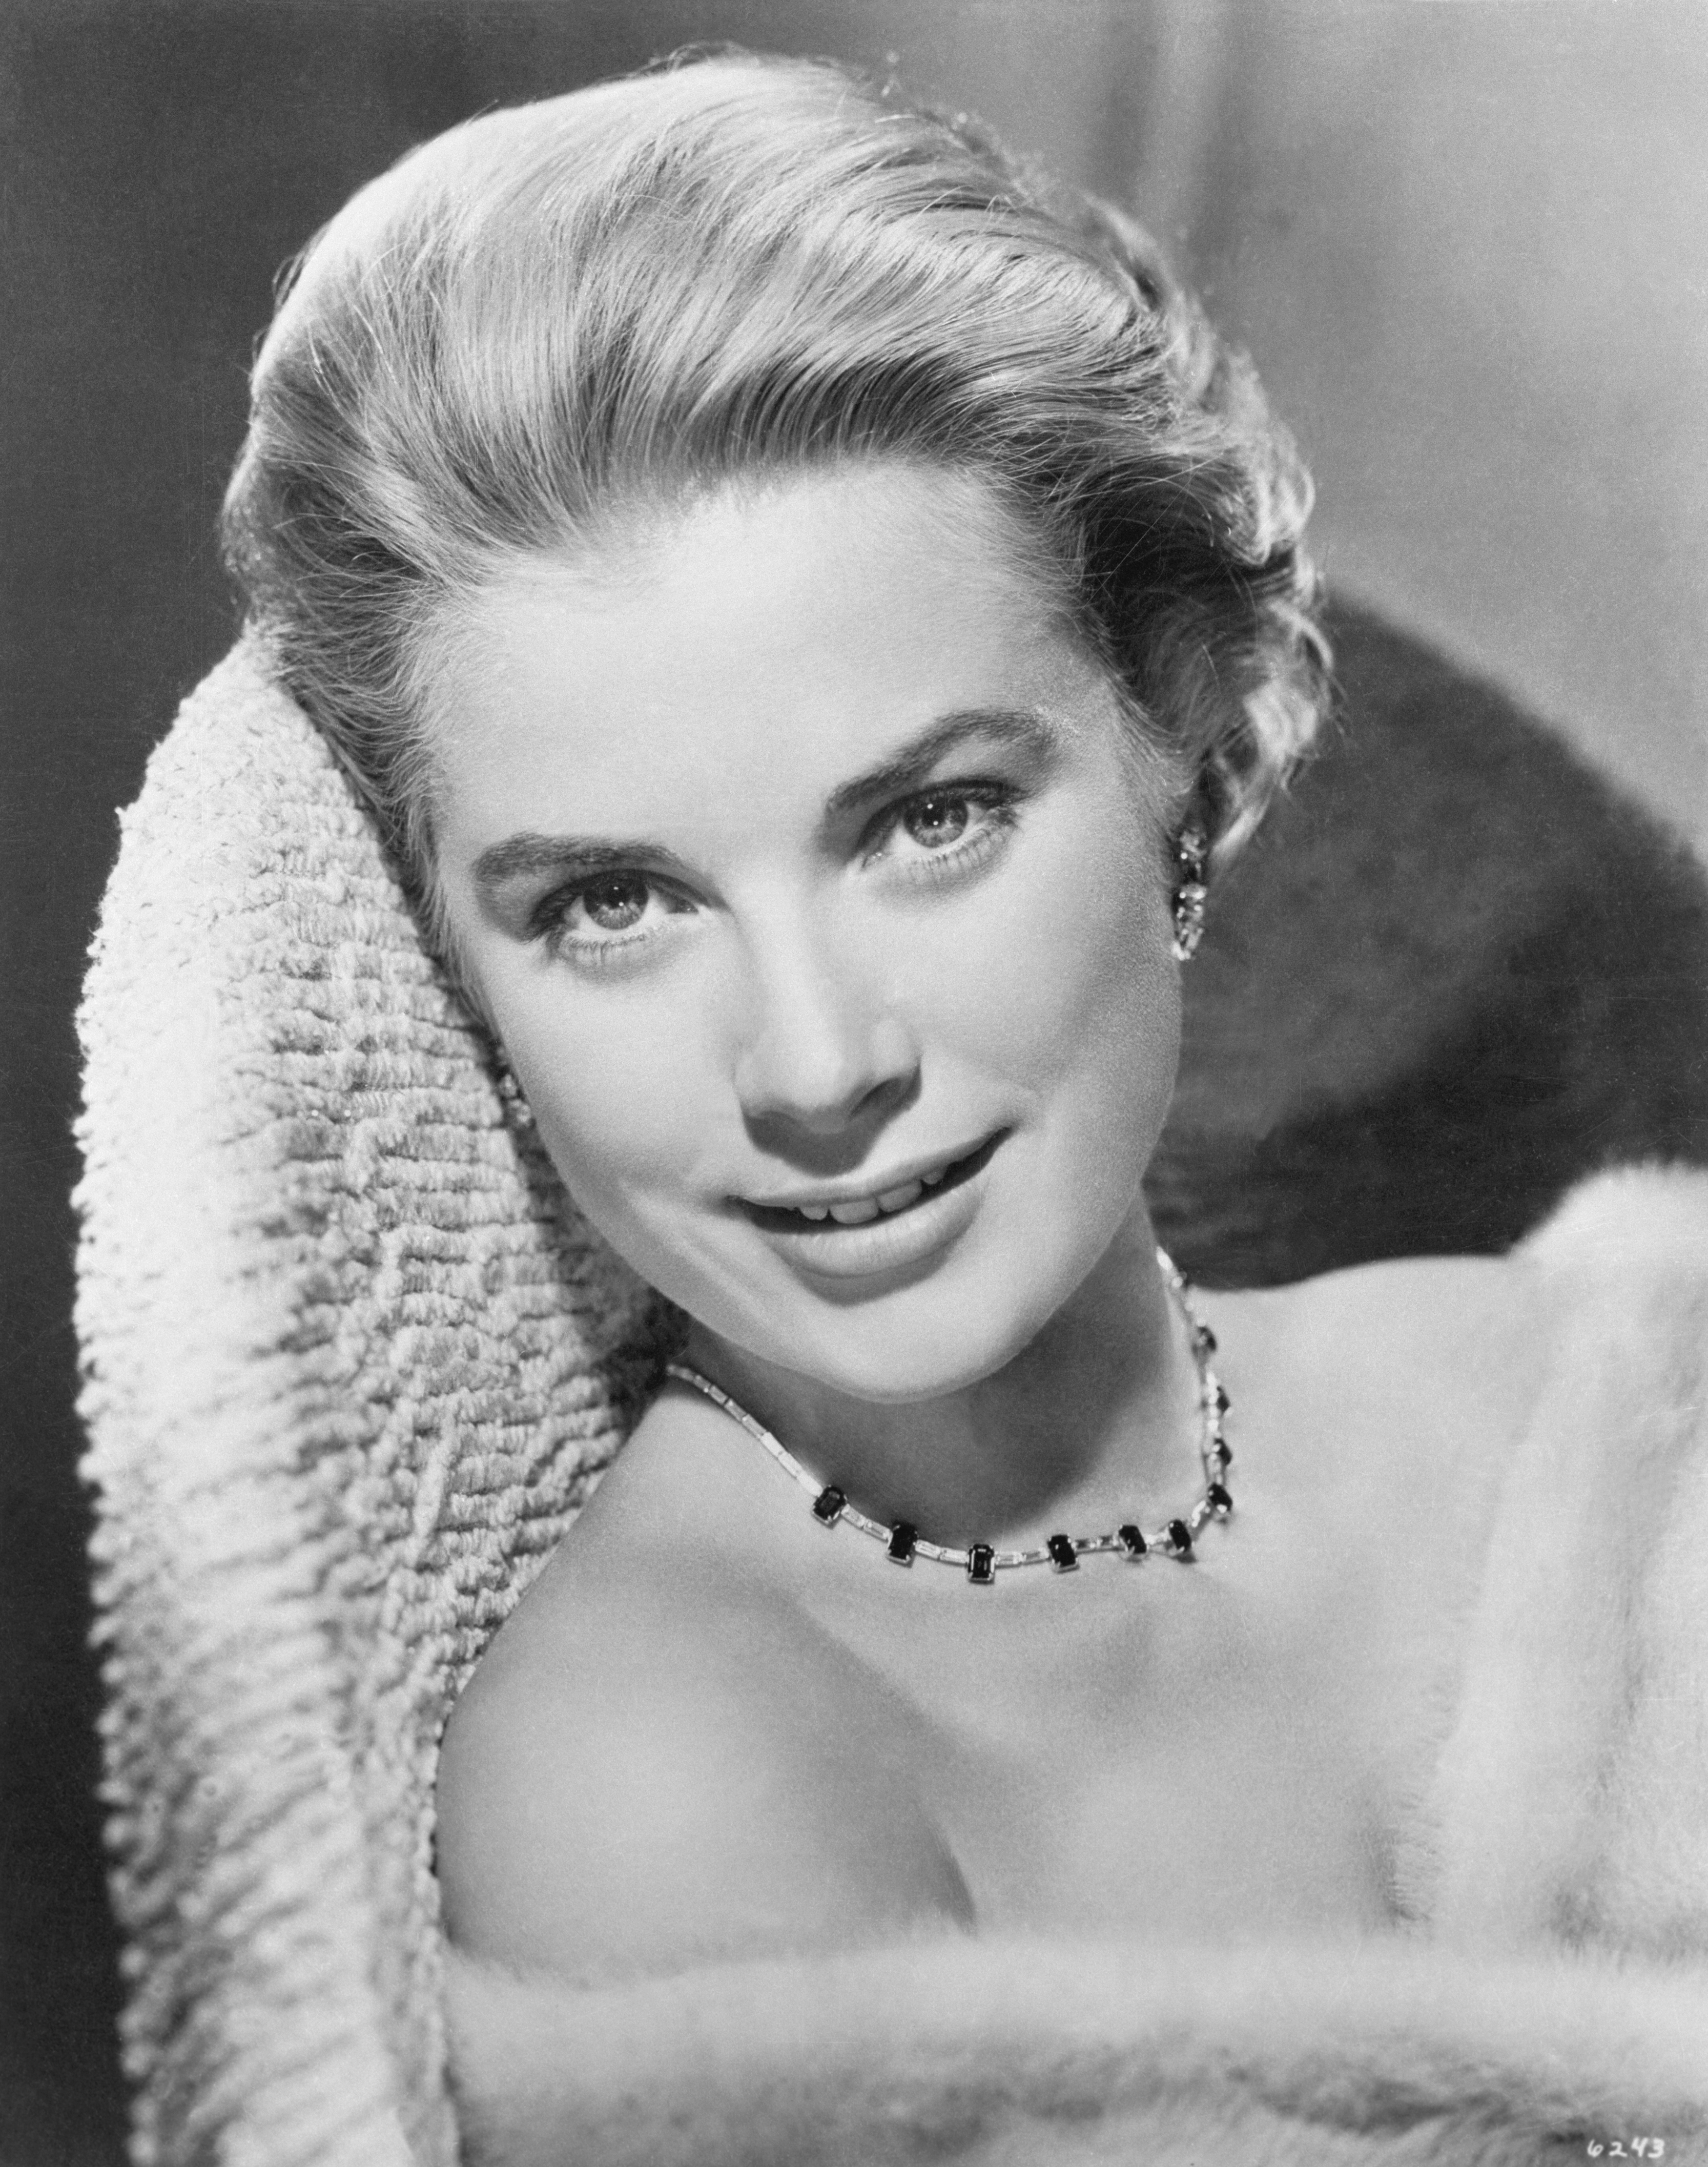 A dobogó első fokára Grace Kelly került, akit először színésznőként ismert meg a világ, de később lemondott karrierjéről, amikor hozzáment III. Rainier monacói herceghez. Mindig is gyönyörű és elegáns volt.